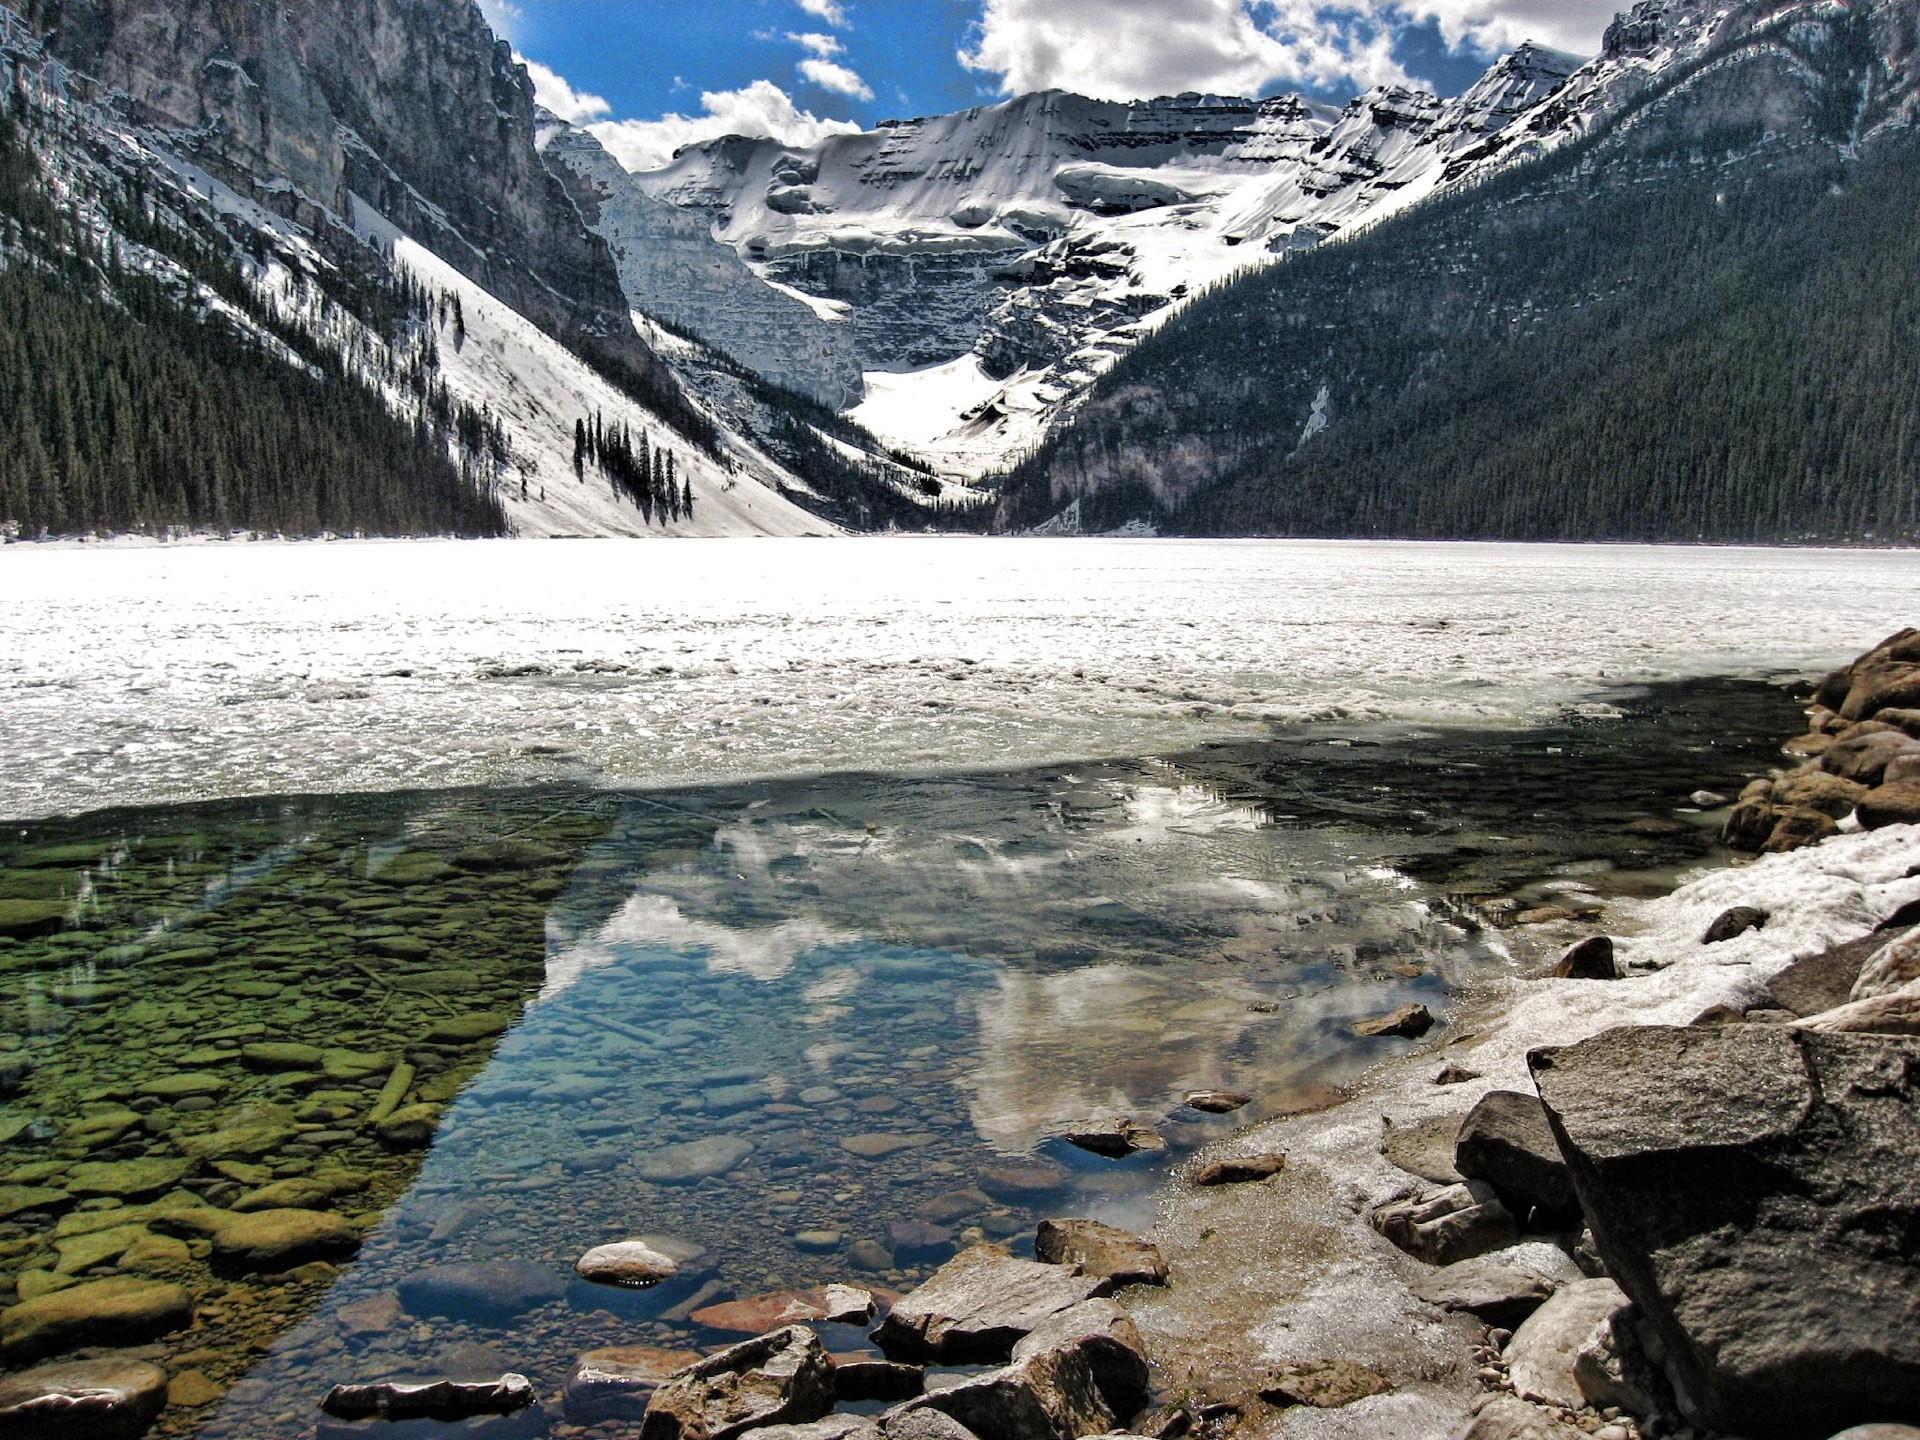 камни, горы, вода без смс